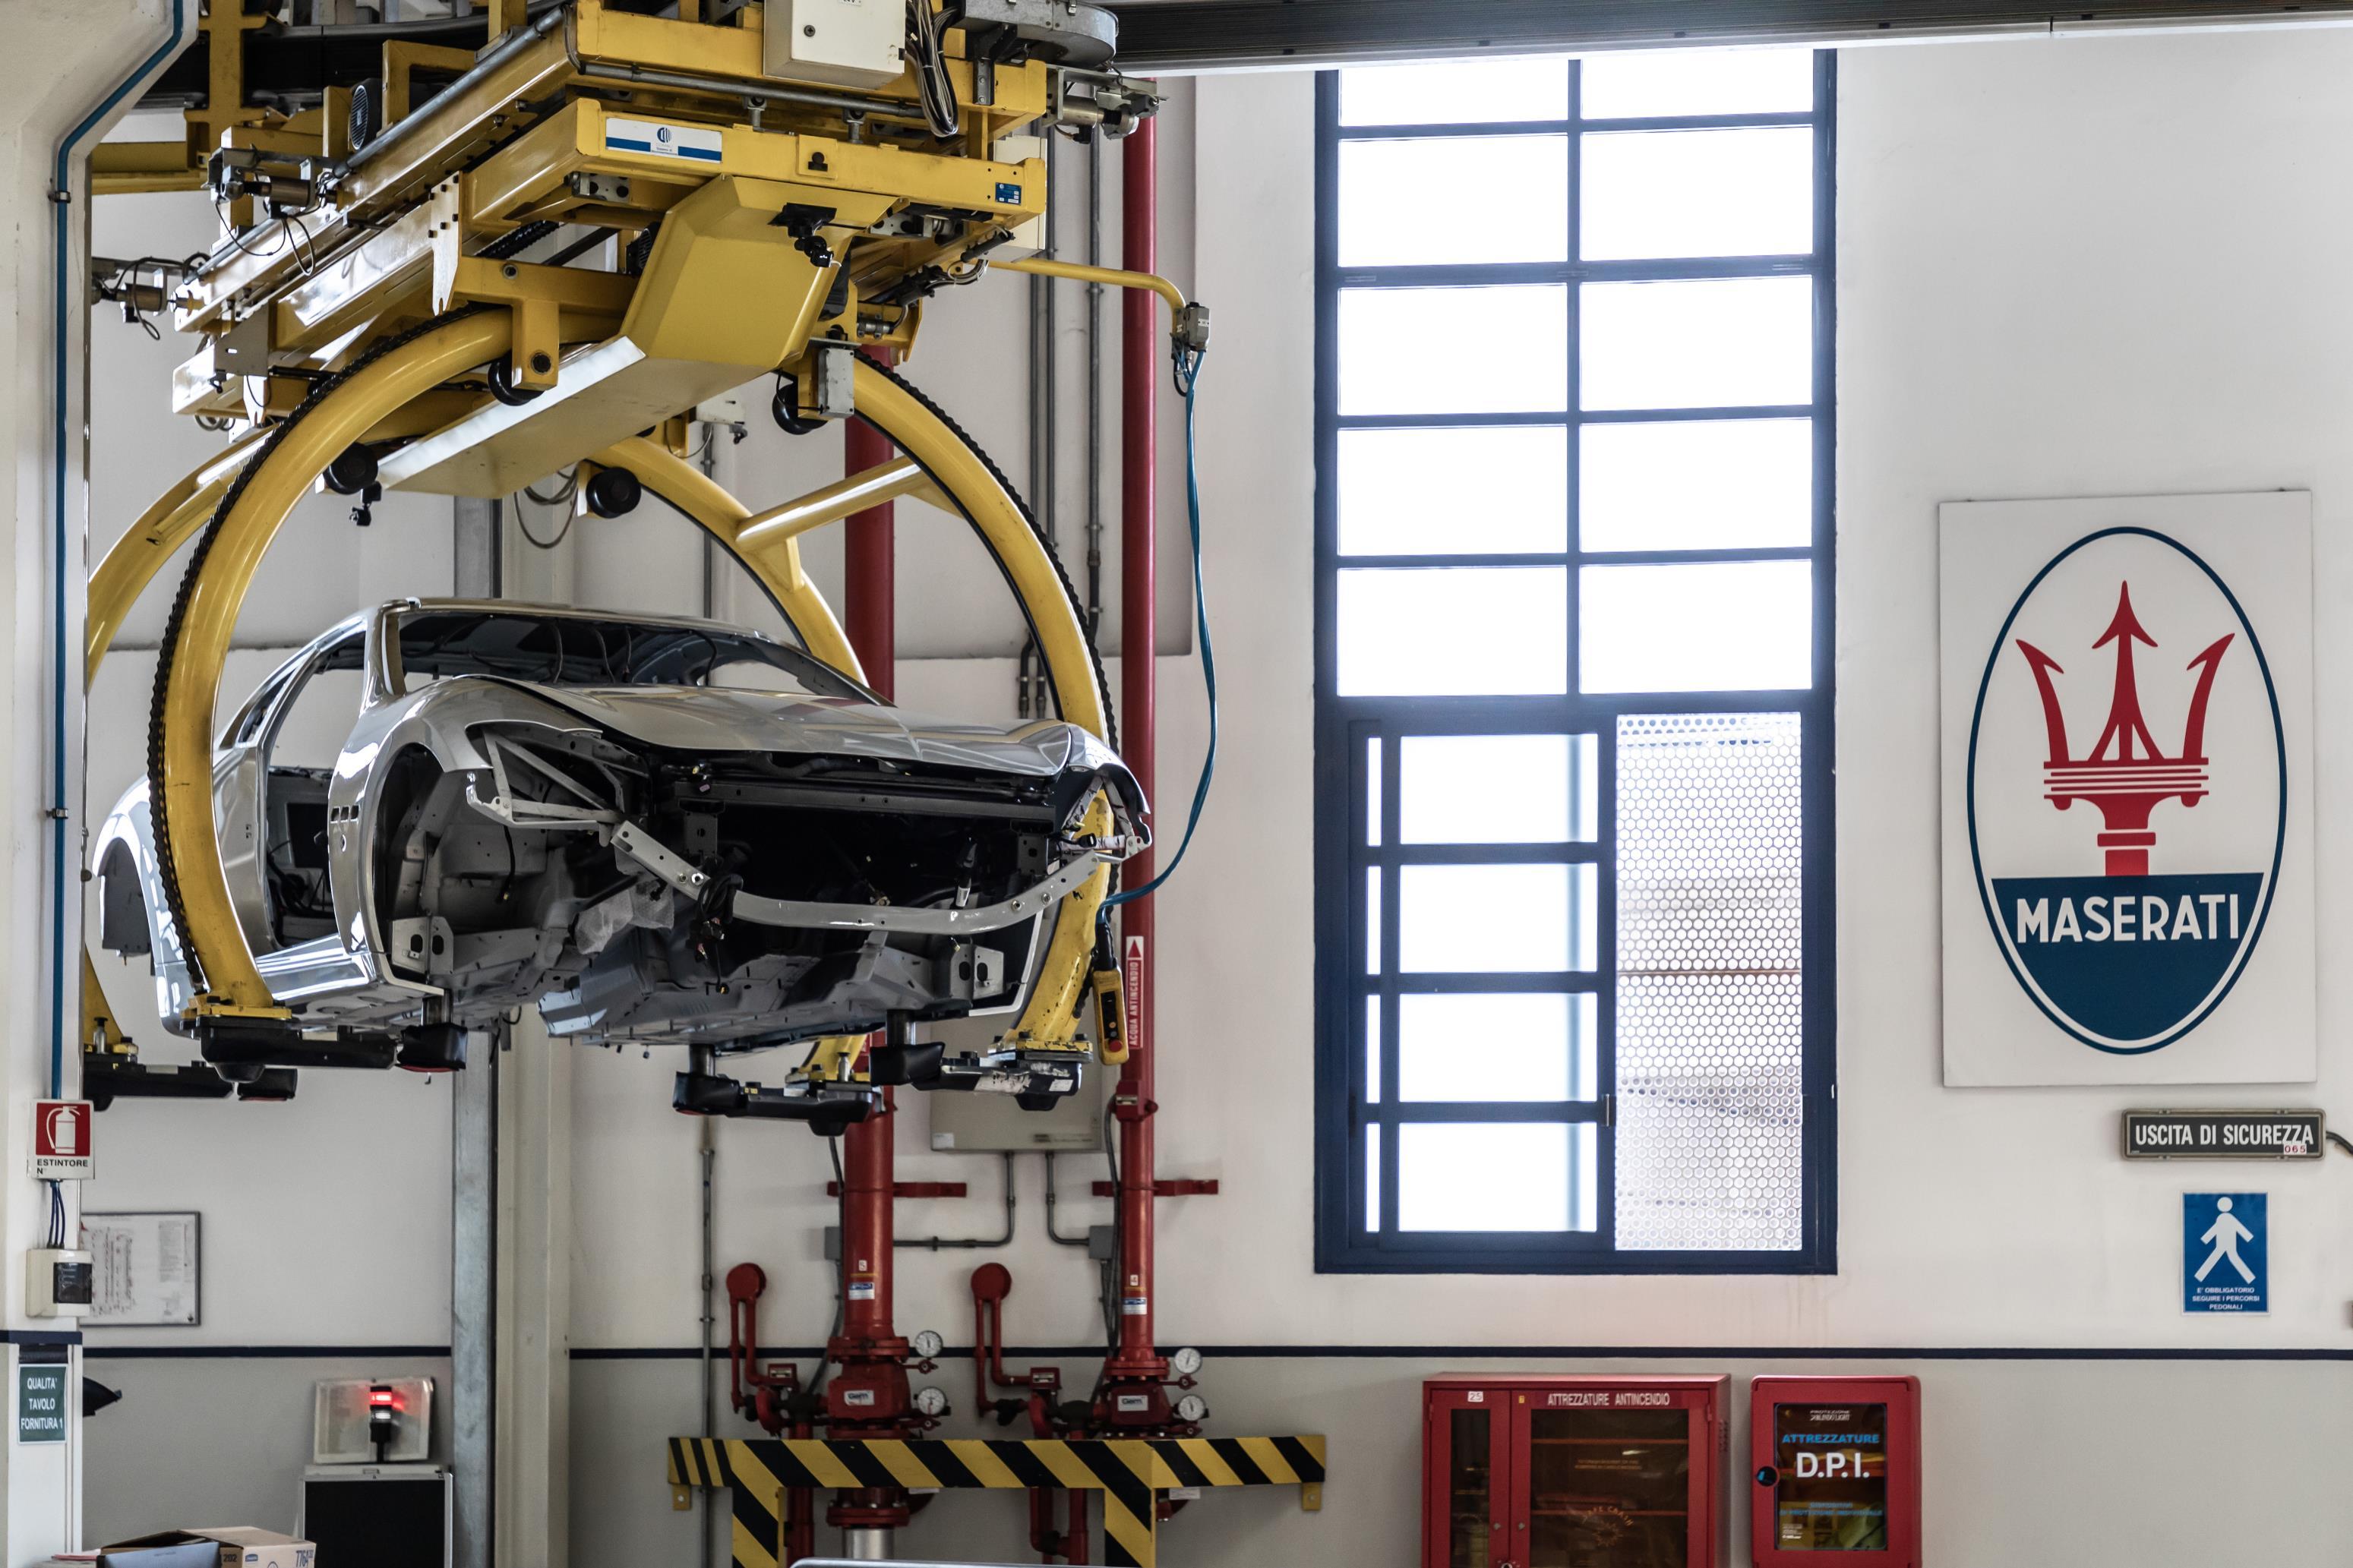 Самым большим преимуществом стал двигатель Ferrari V8 объемом 4,7 литра. Он обеспечивает эпический саундтрек в каждой итерации.